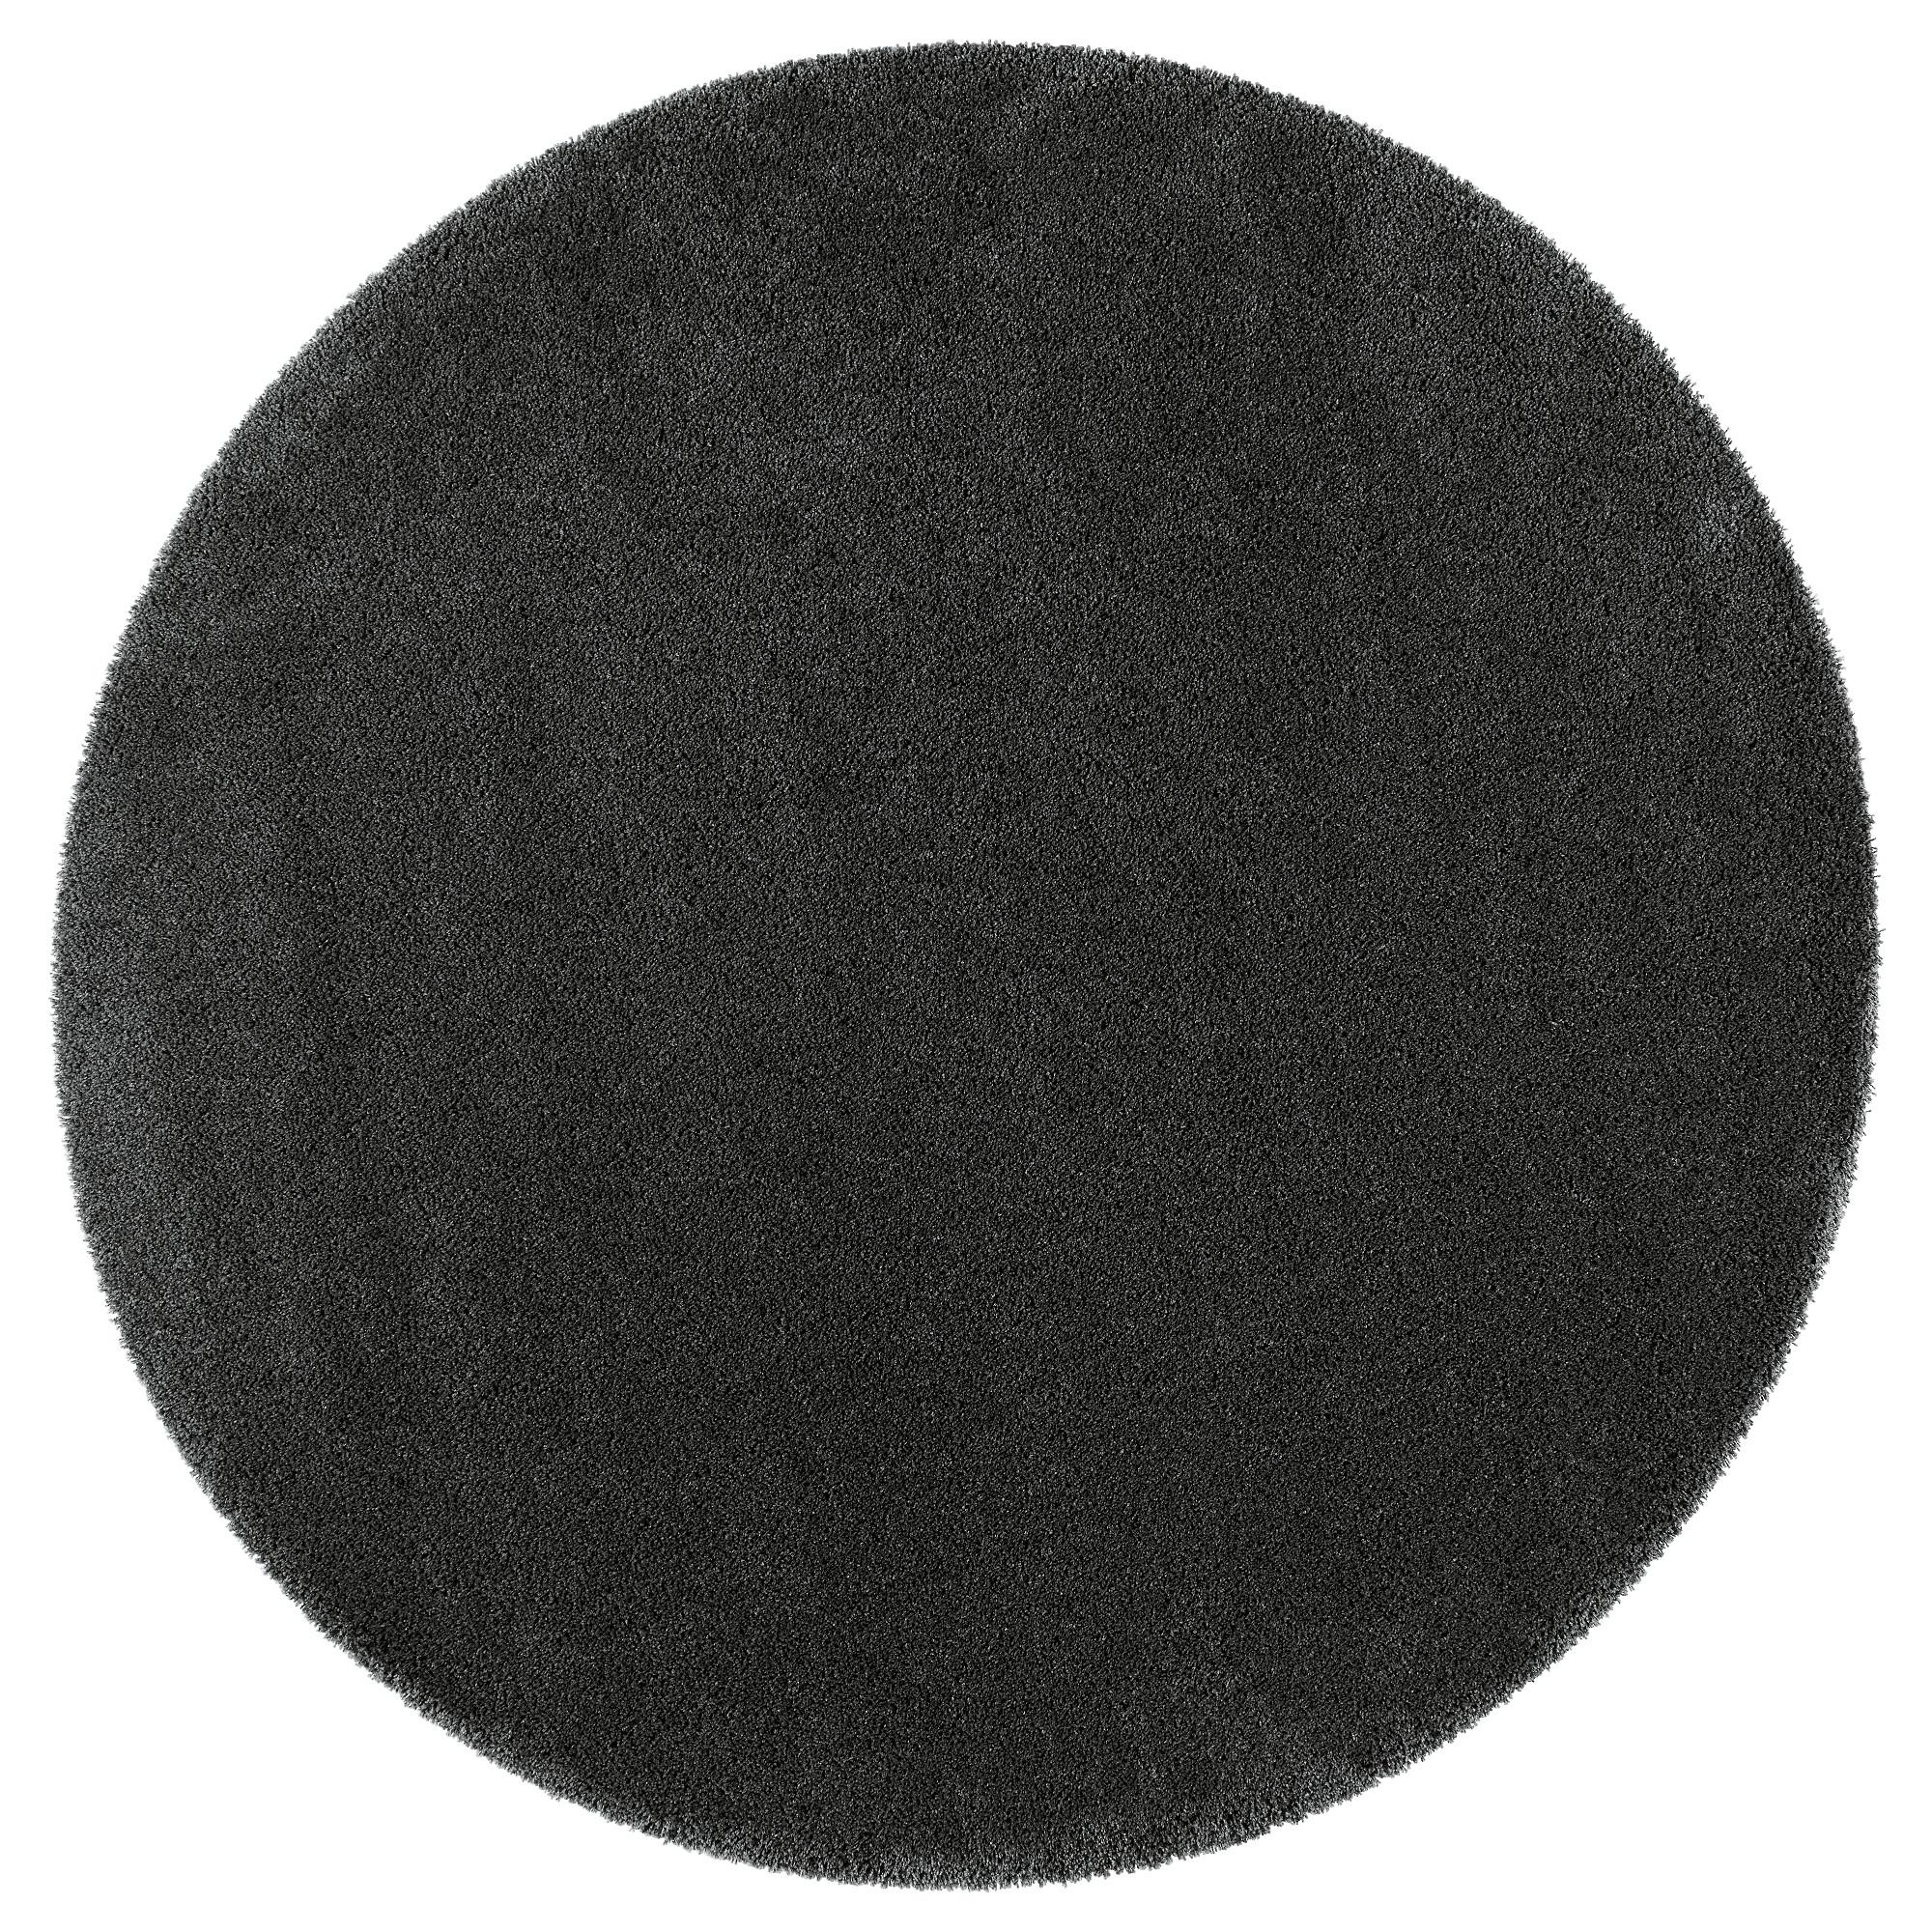 Ковер, длинный ворс ОДУМ темно-серый артикуль № 103.709.96 в наличии. Интернет магазин ИКЕА Минск. Недорогая доставка и соборка.